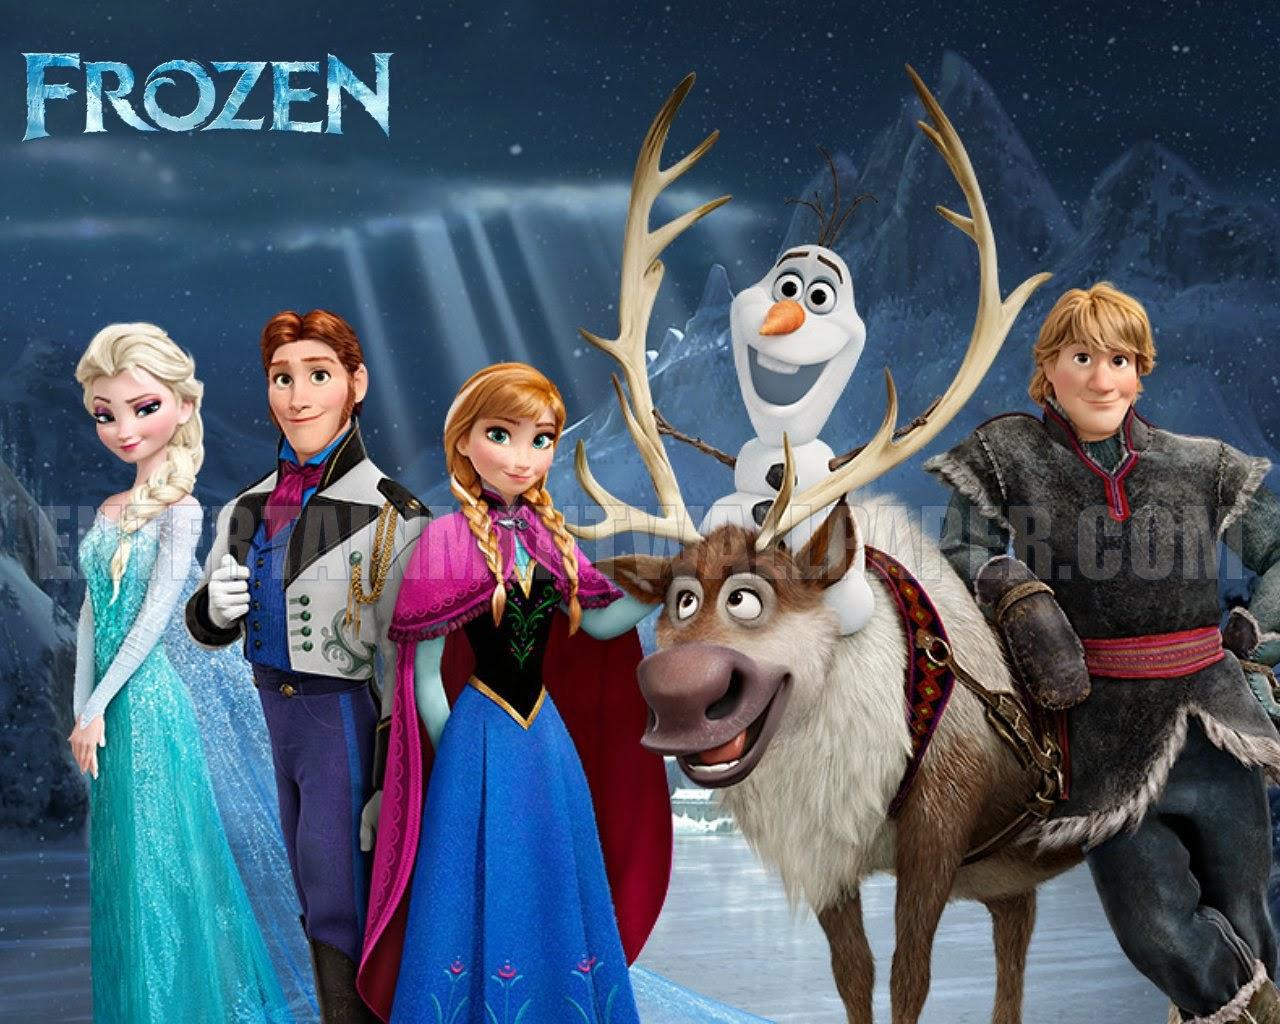 frozen 2013 full movie xmovies8